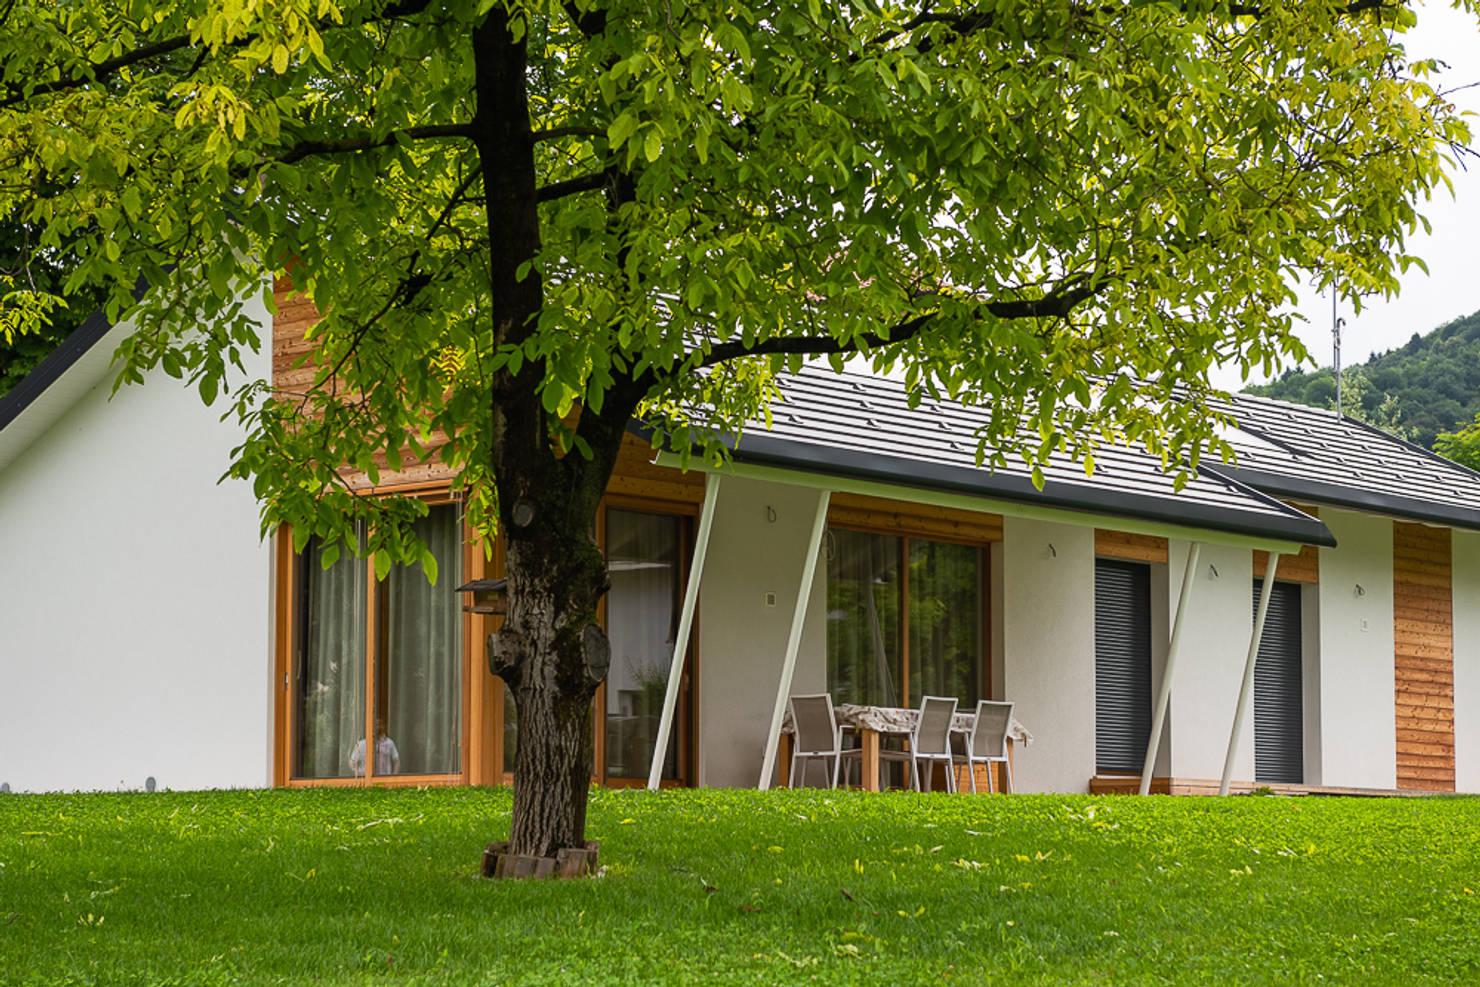 На фото - Проект одноэтажного дома с тремя спальнями за 2,2 млн рублей